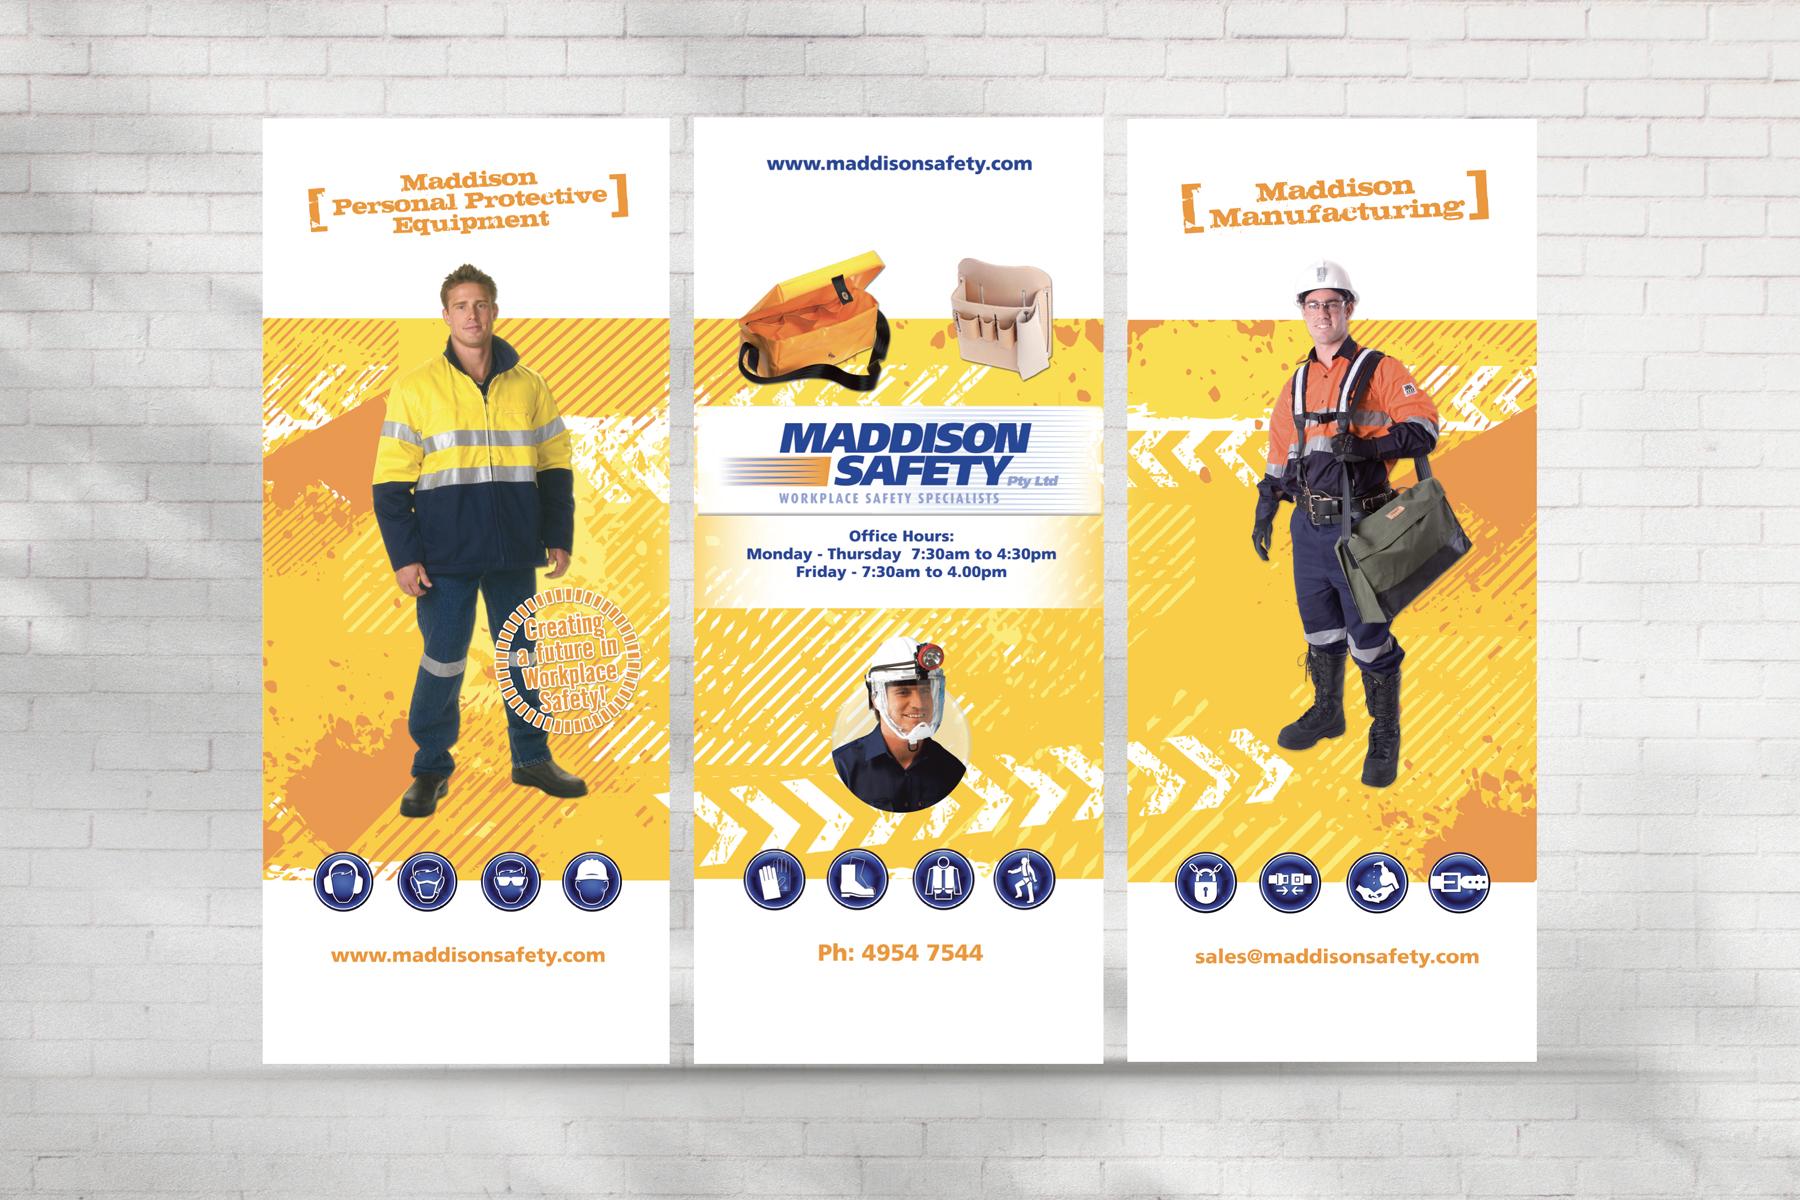 Maddison Safety Window Signage